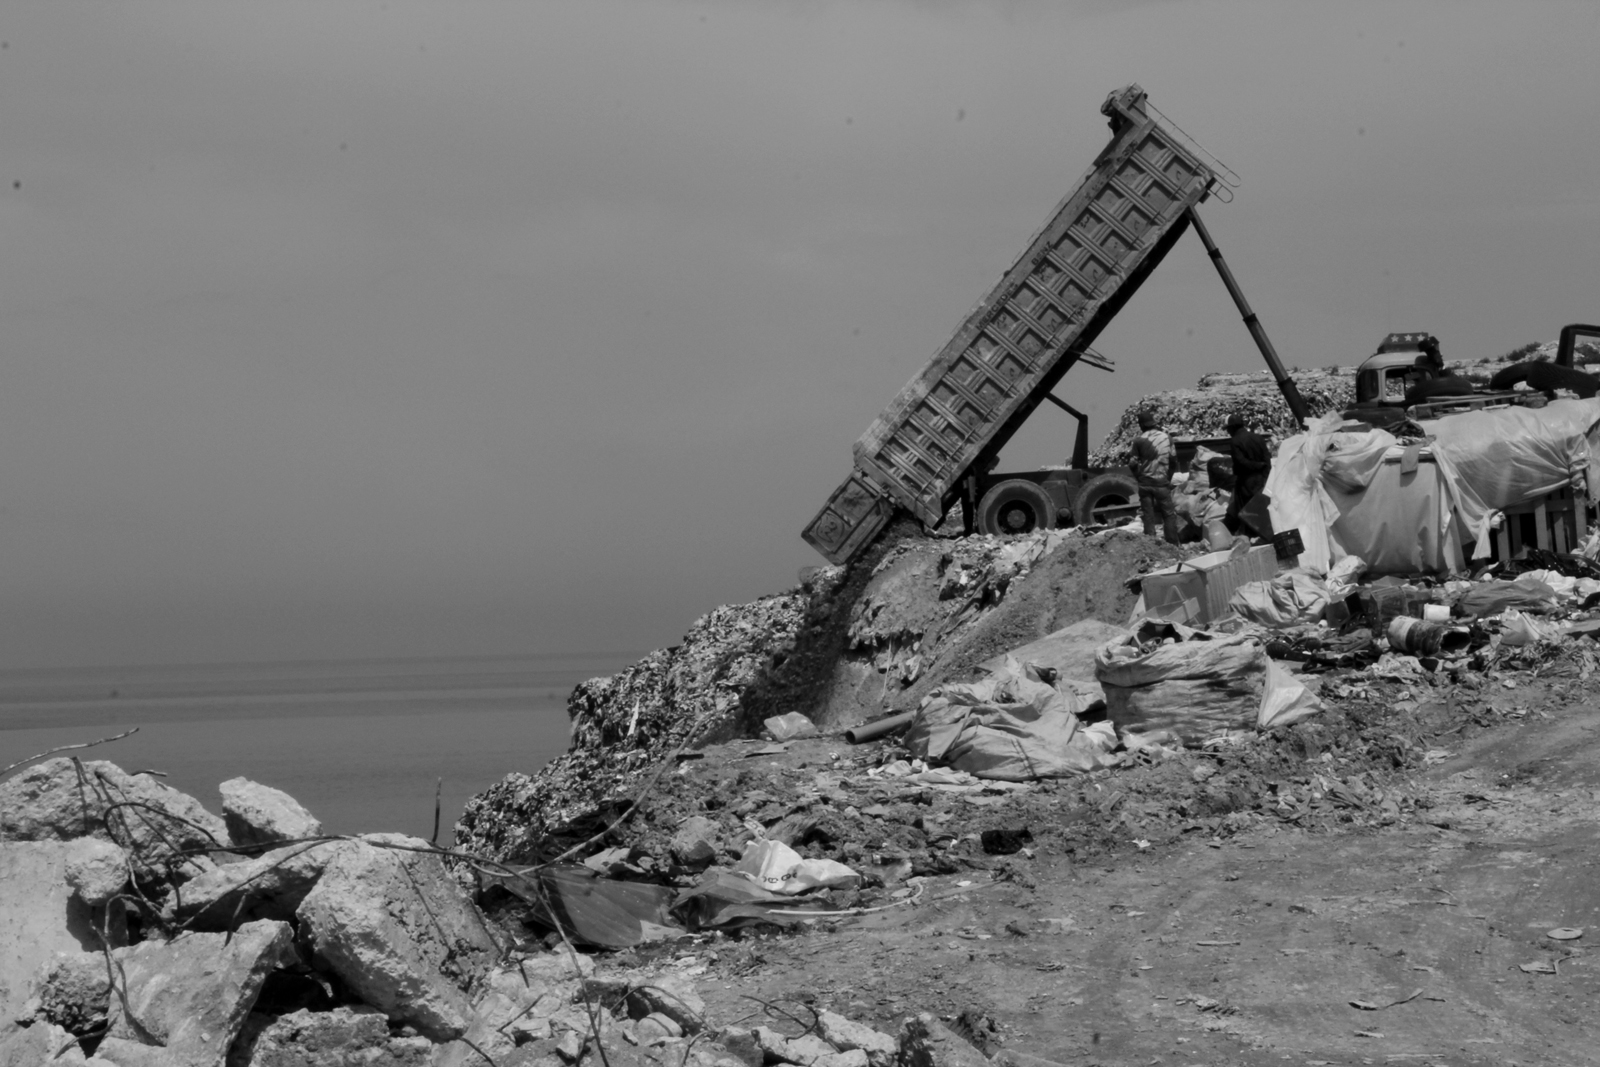 Dumping-In-Lebanon